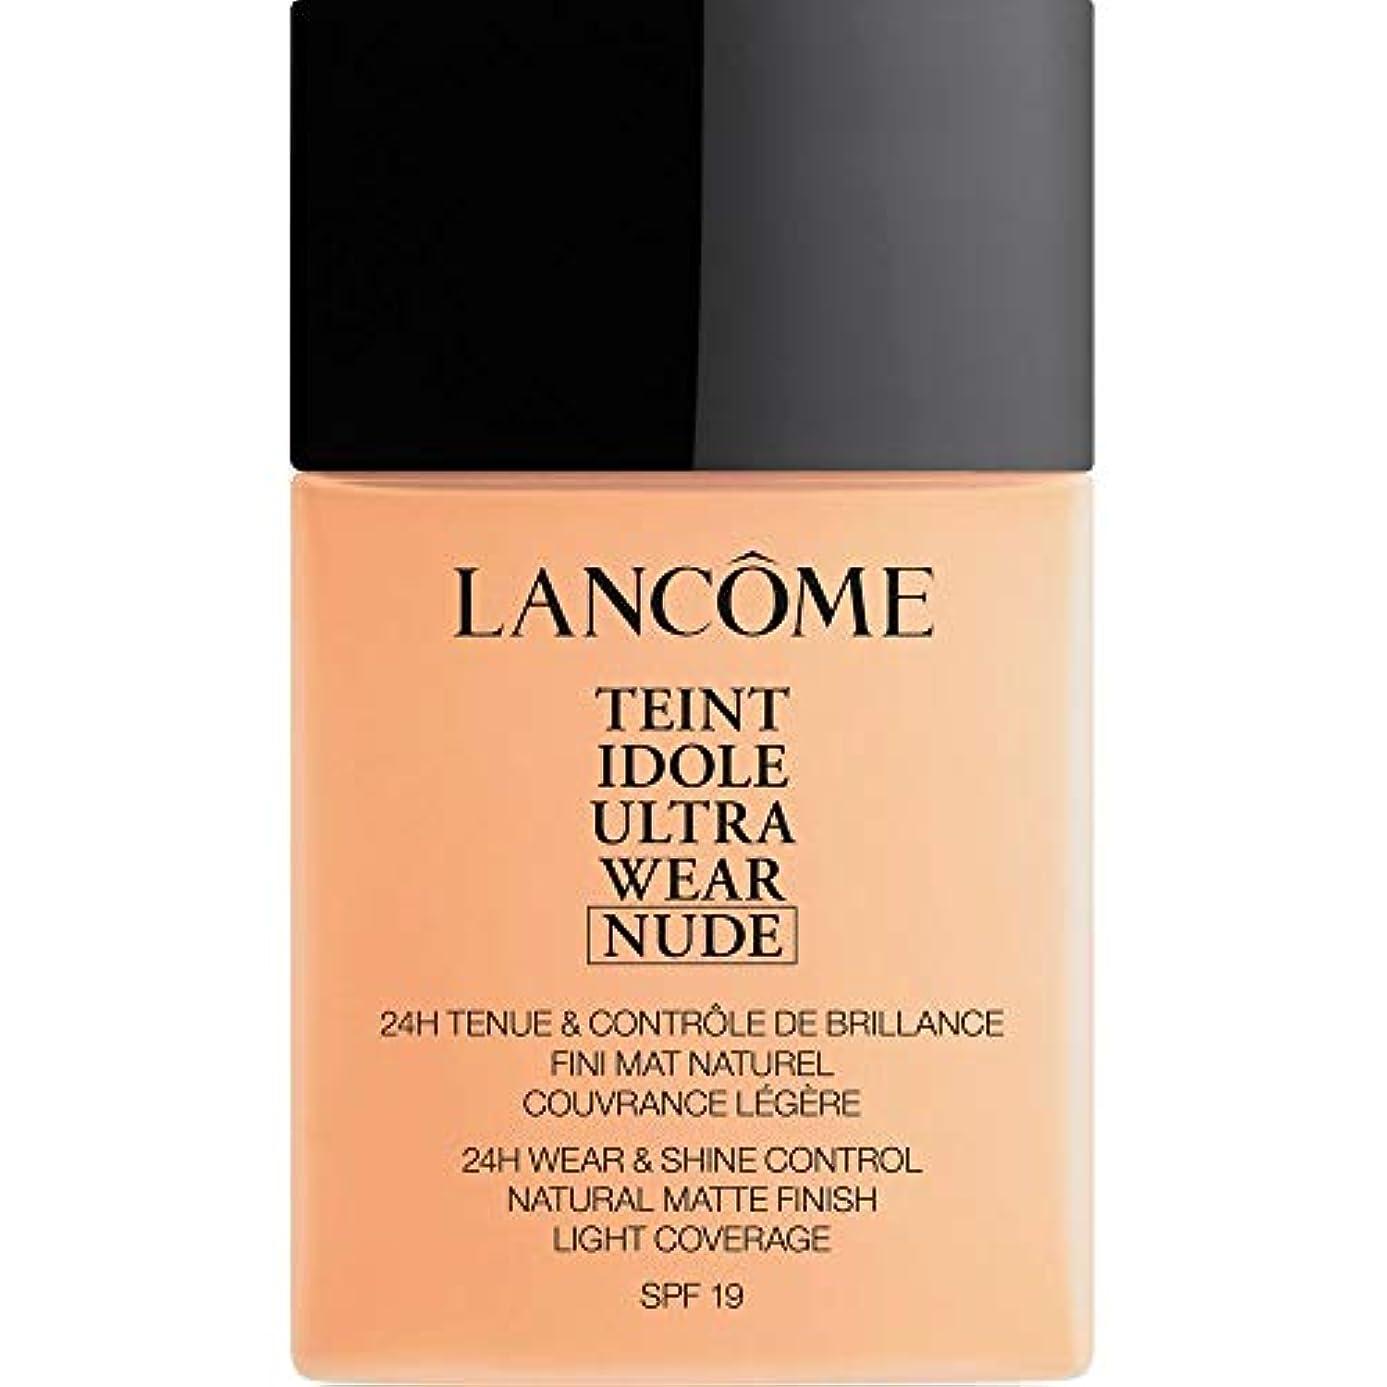 脱走テーブル説教する[Lanc?me ] ランコムTeintのIdole超ヌード財団Spf19の40ミリリットル024を着る - ベージュヴァニラを - Lancome Teint Idole Ultra Wear Nude Foundation...